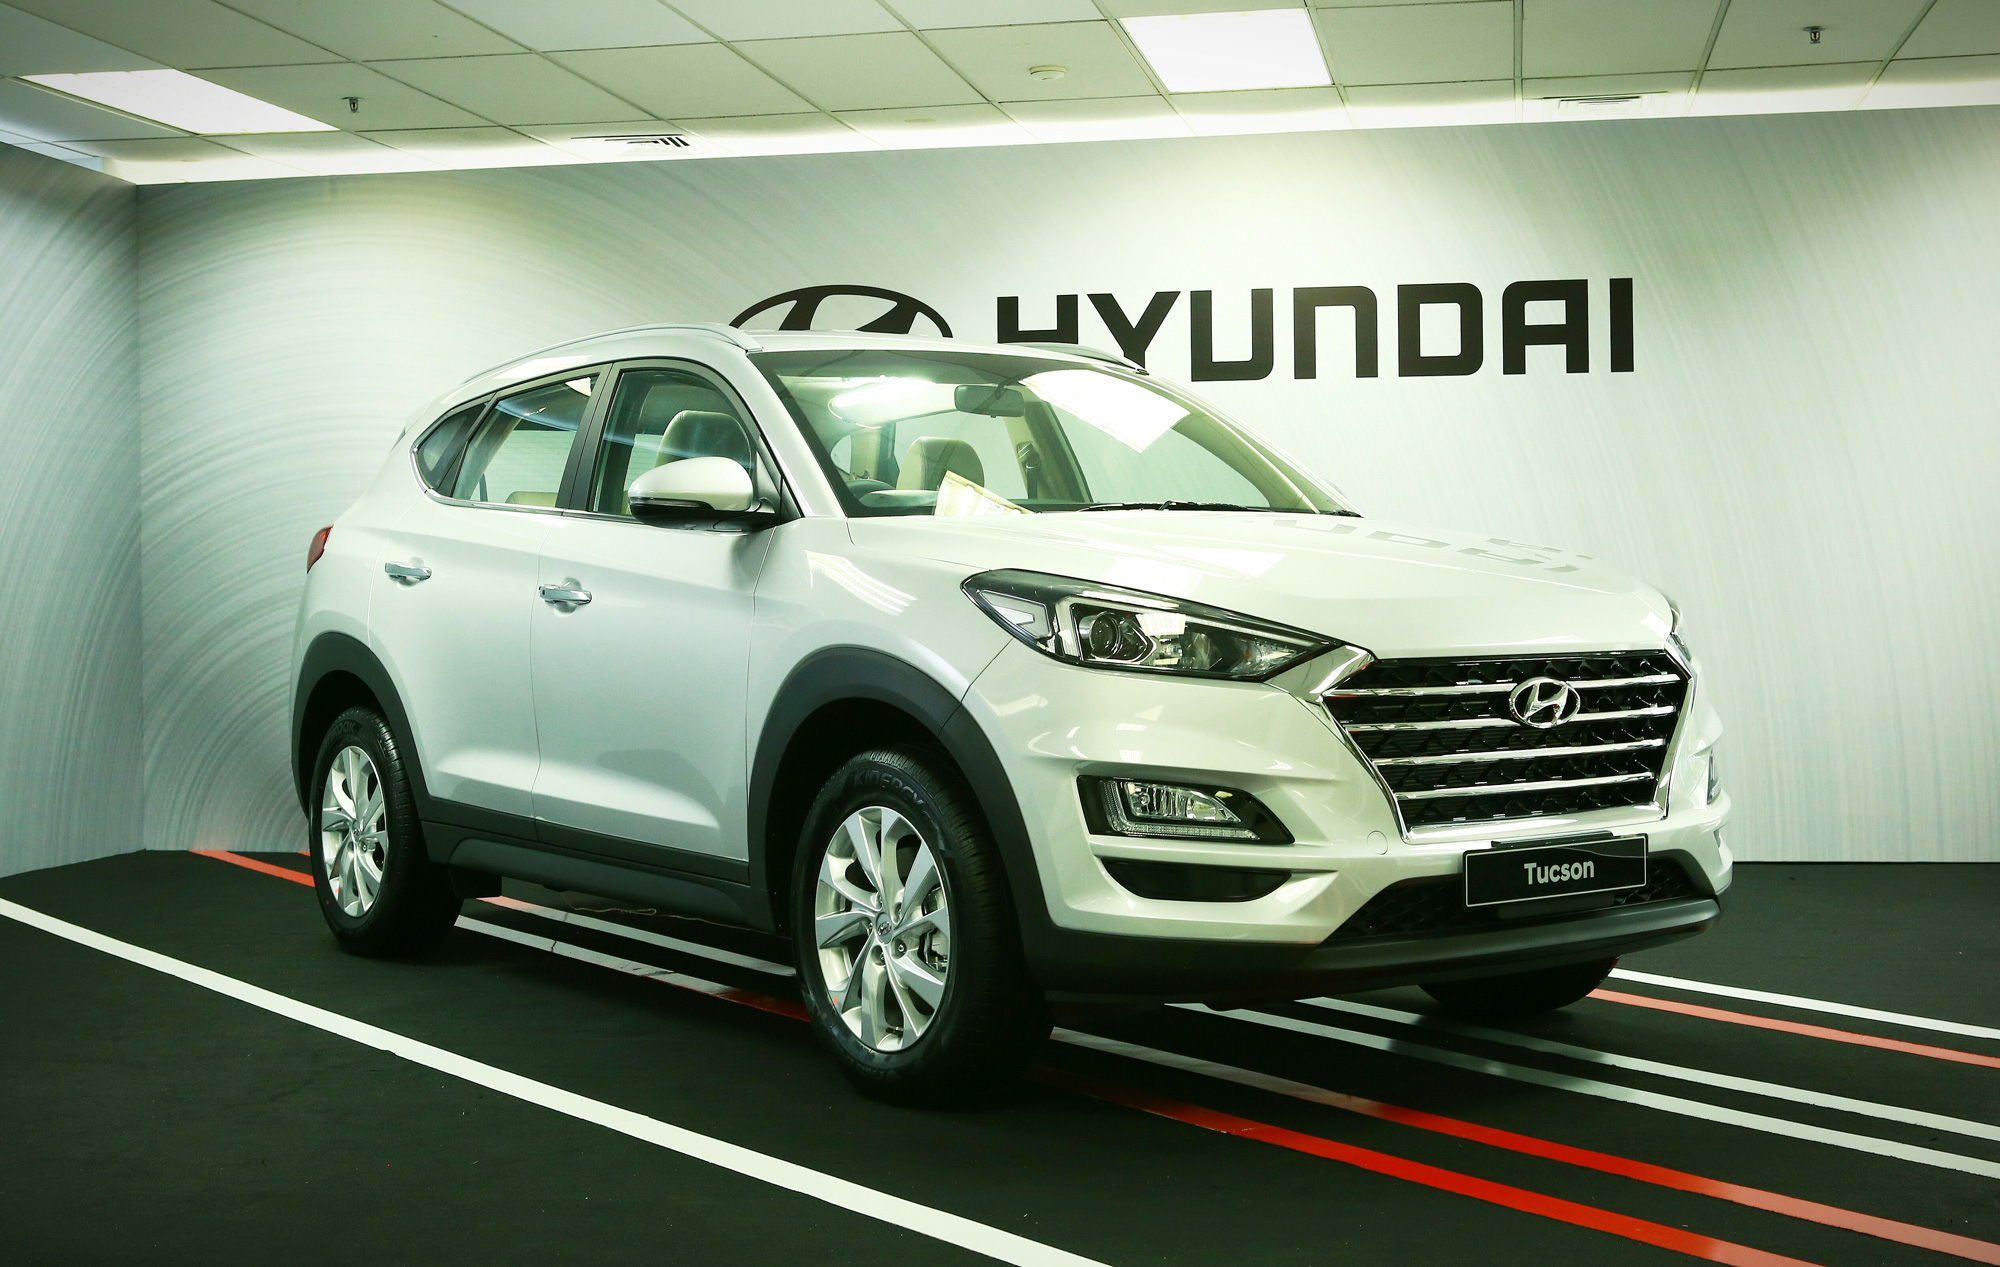 Hyundai Tucson Tampil Dengan Wajah Baru